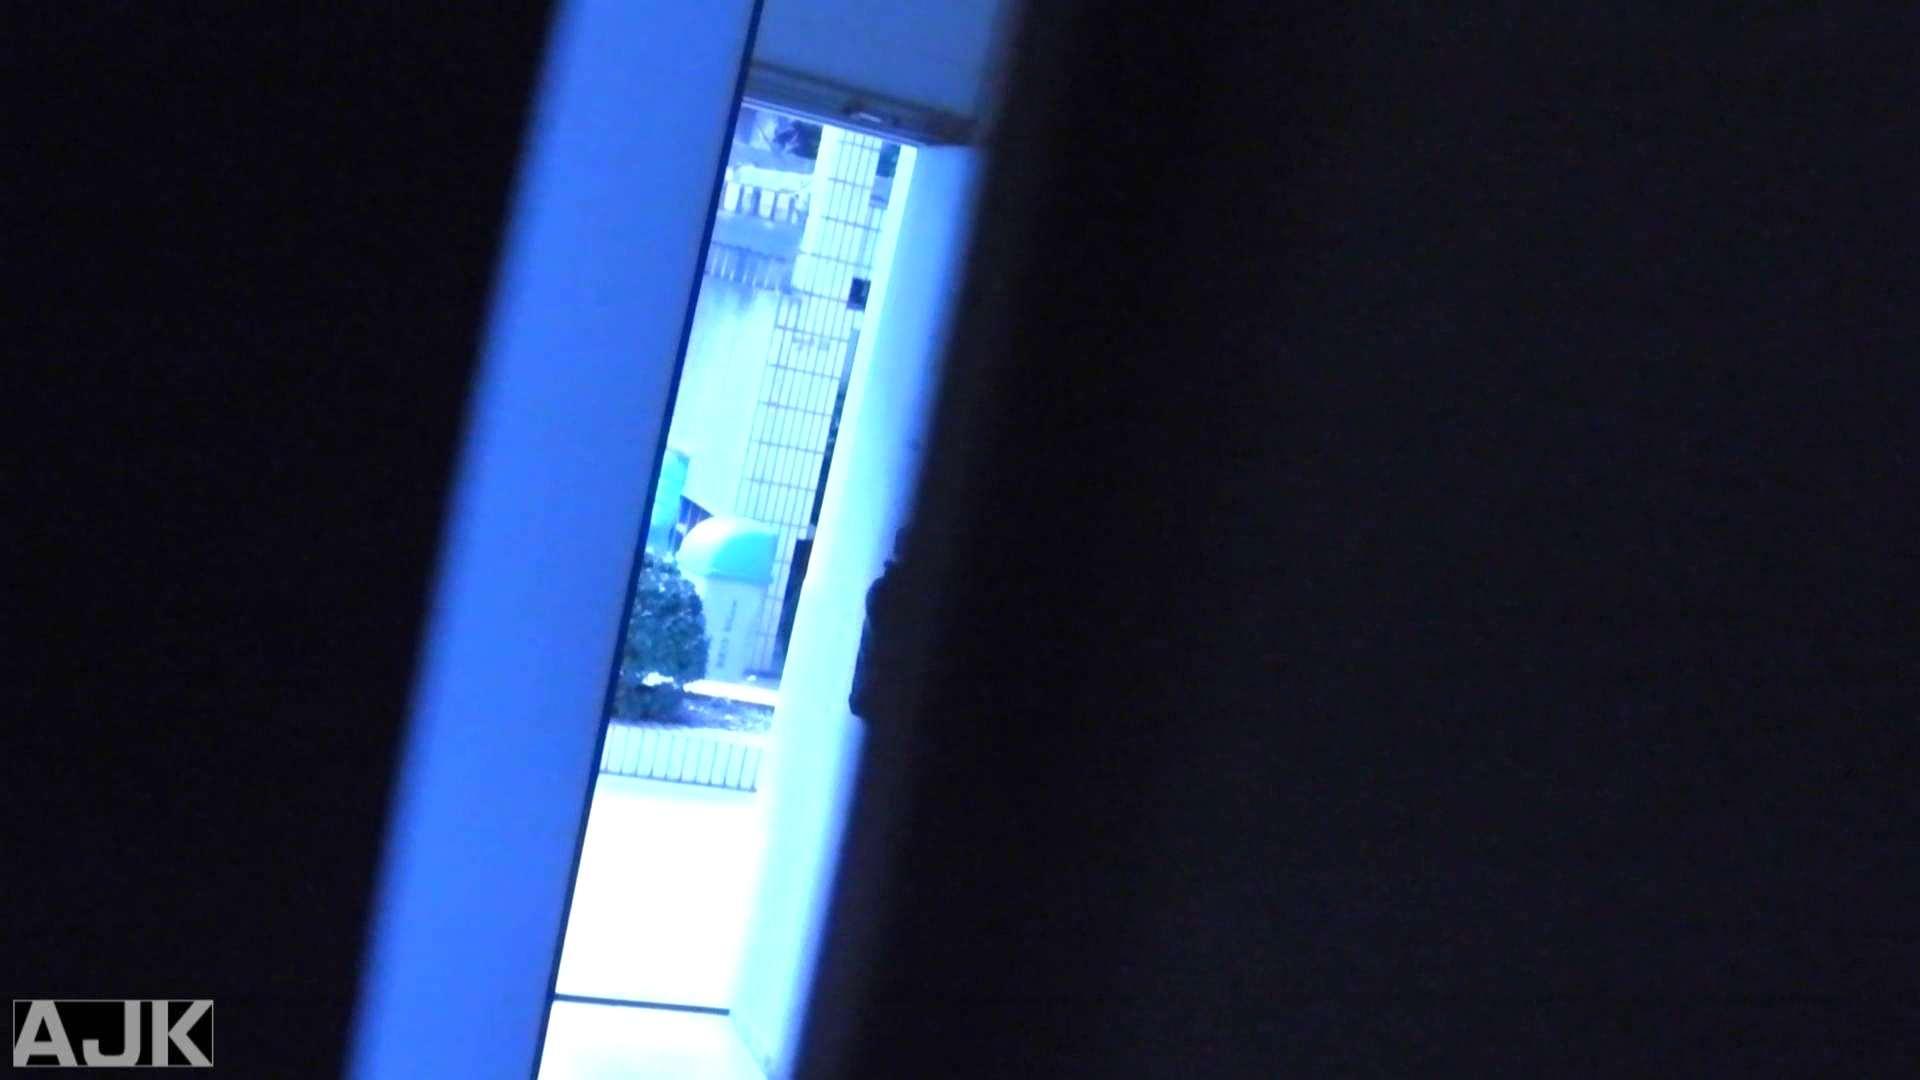 隣国上階級エリアの令嬢たちが集うデパートお手洗い Vol.07 お嬢様のエロ動画 われめAV動画紹介 111枚 75